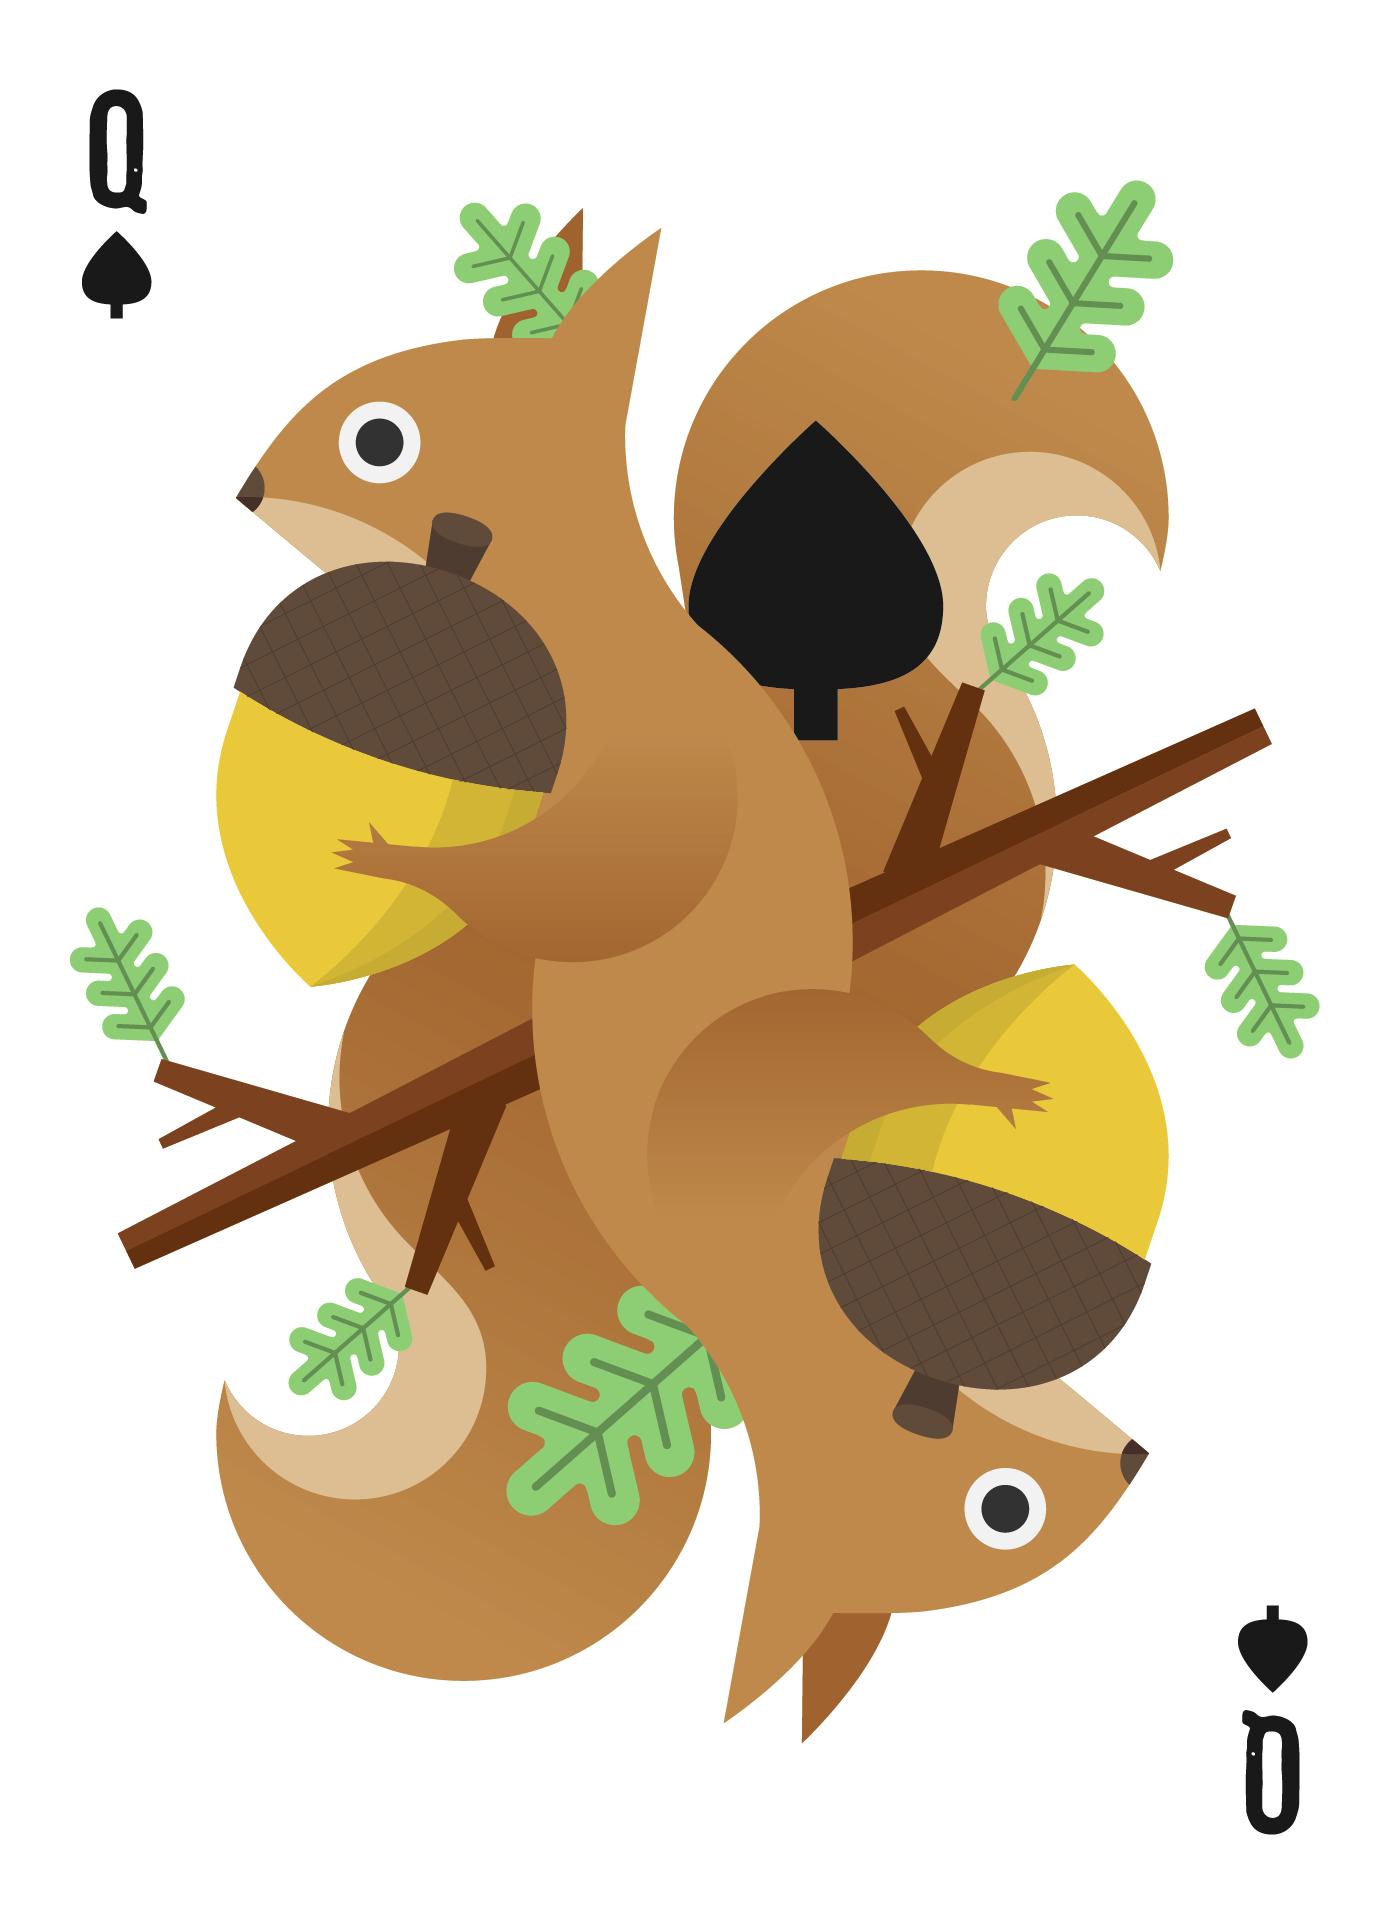 cards_of_luck_queen_spade.png